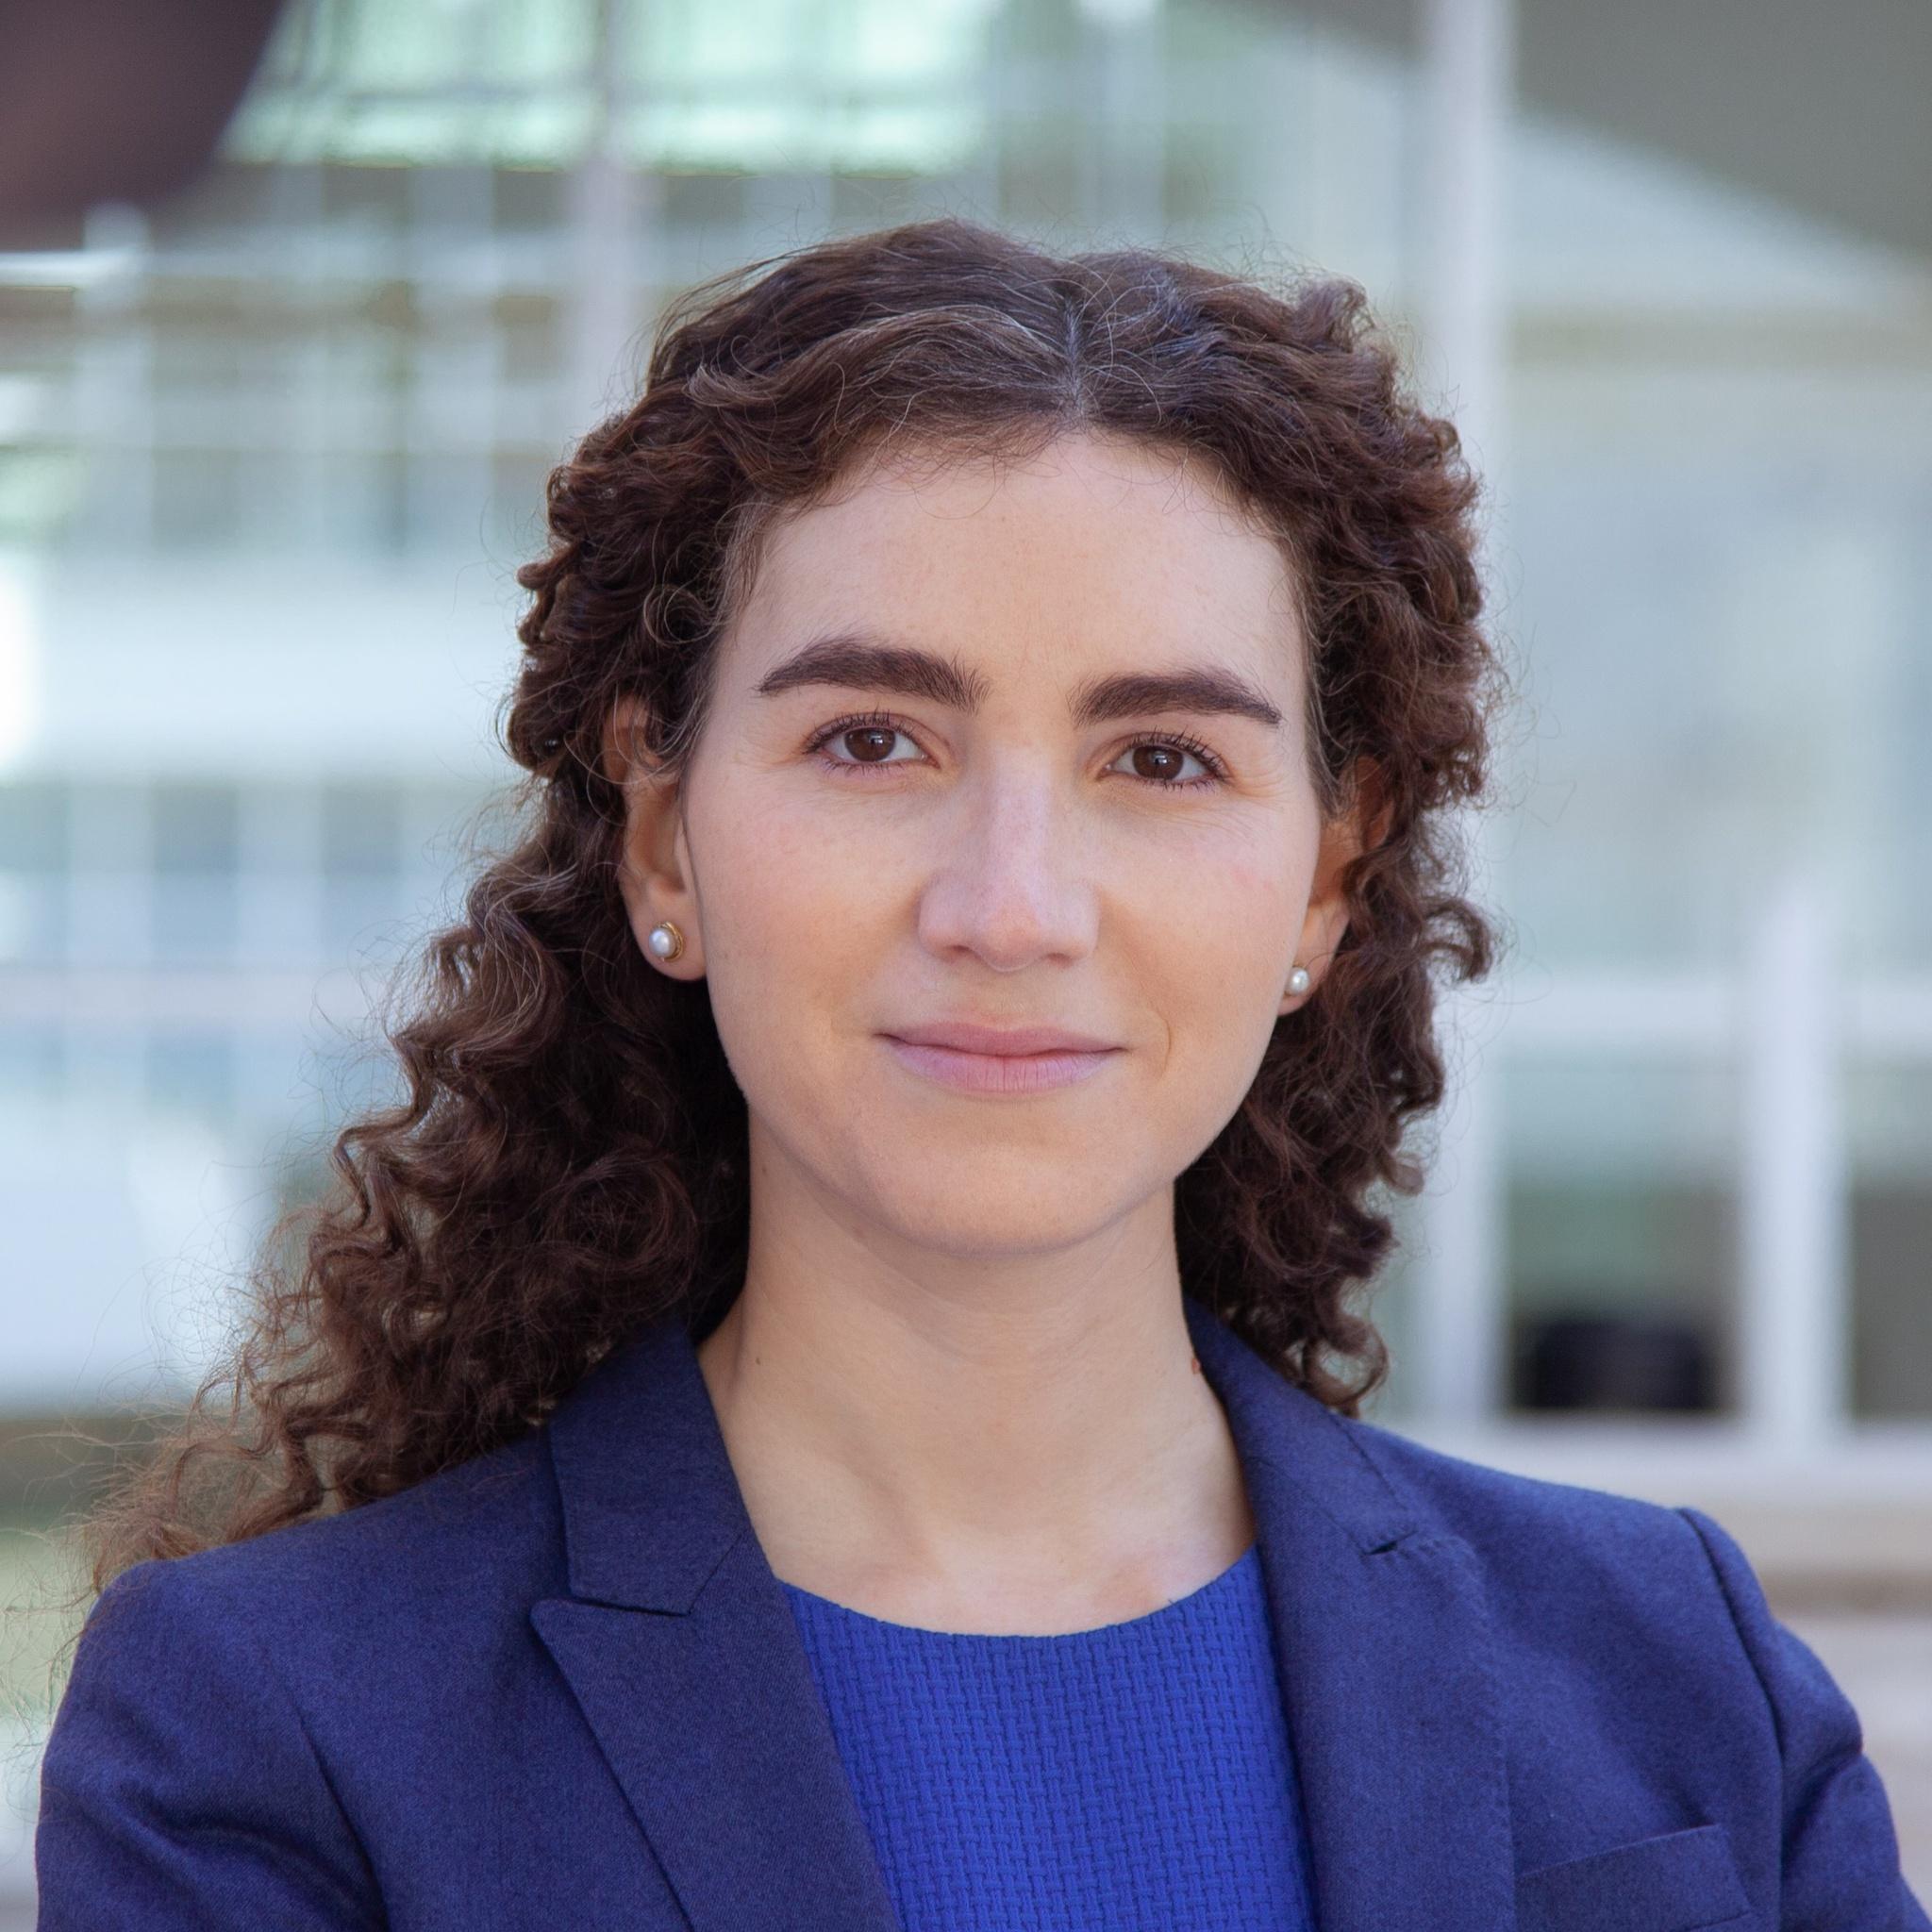 Joana Rafael